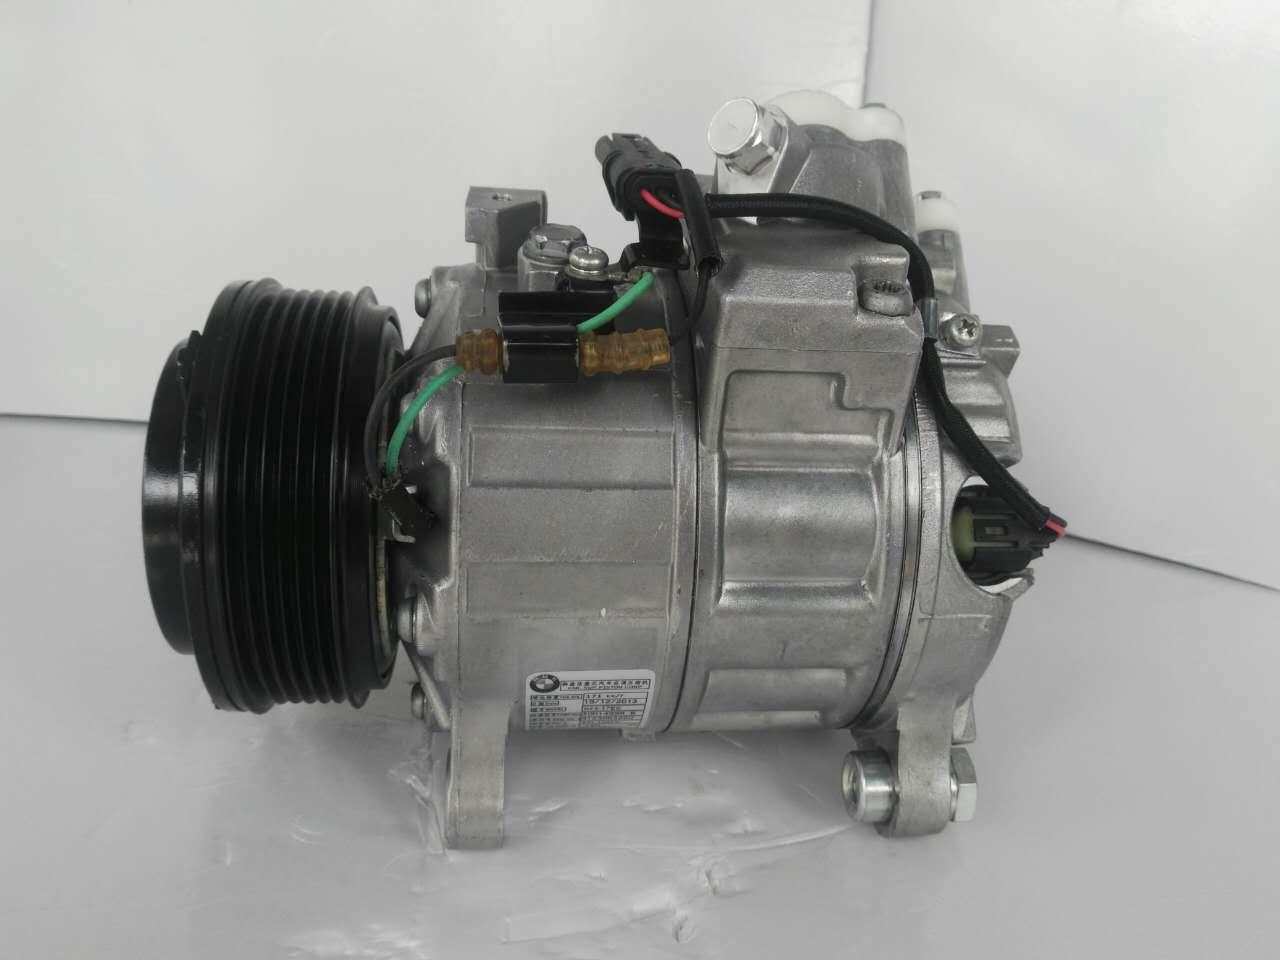 原厂直销 适用于宝马X1压缩机冷气泵空调泵 汽车空调配件